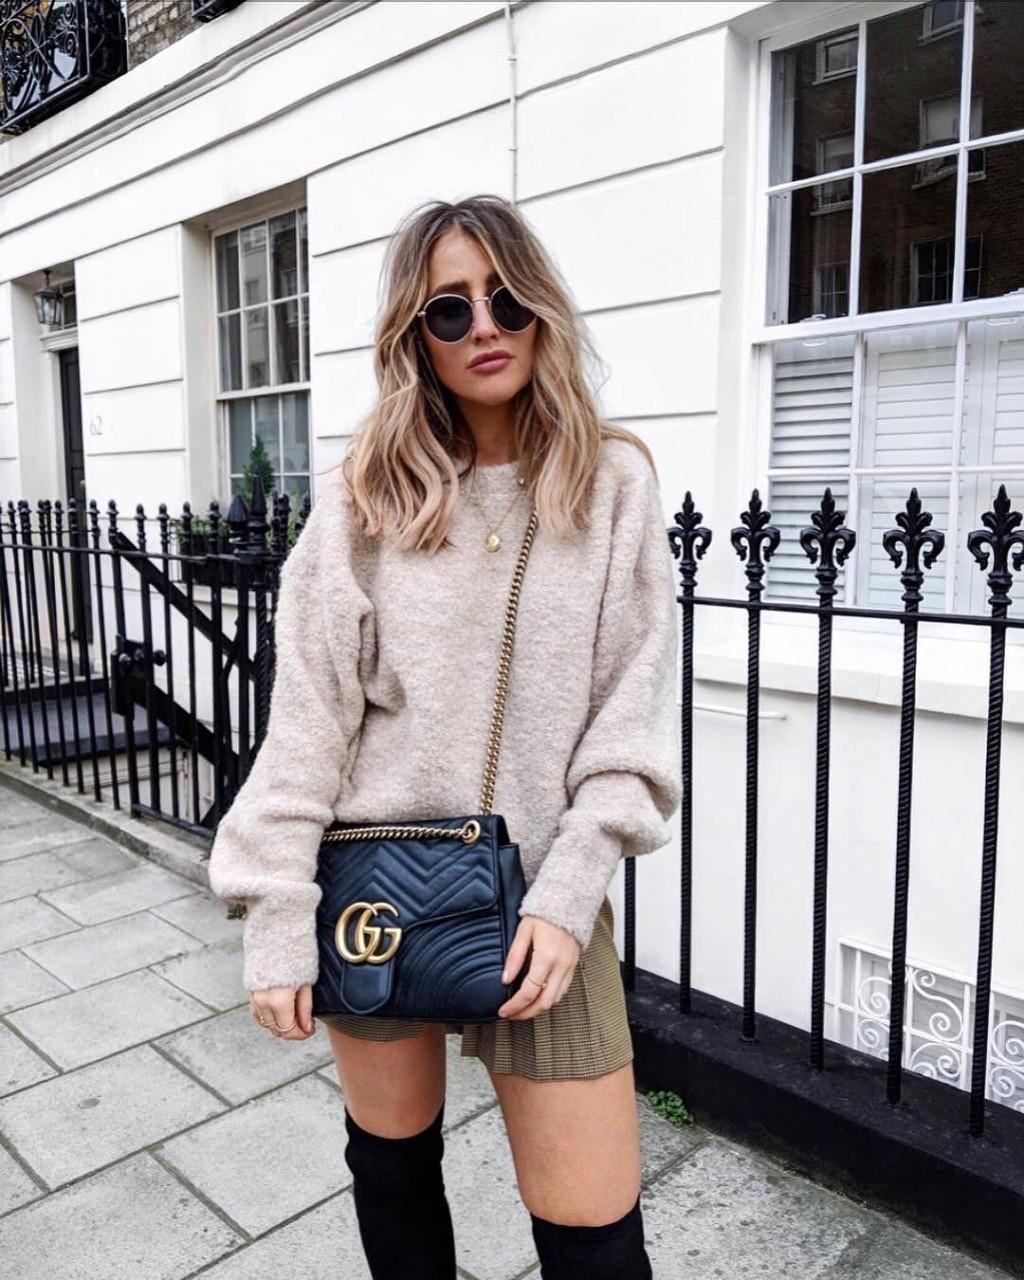 Одежда оверсайз 2018: 15 стильных образов